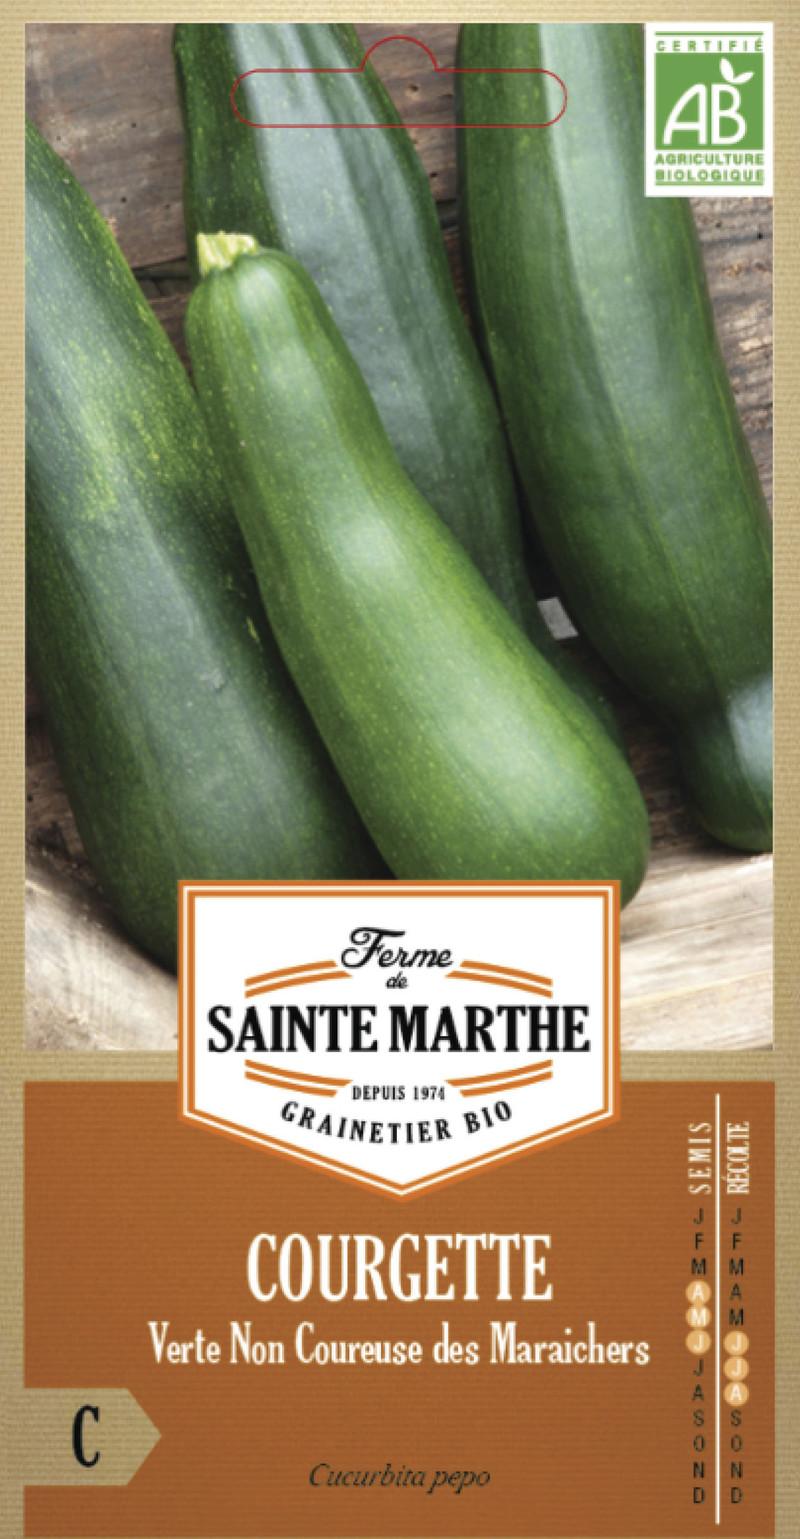 courgette verte non coureuse des maraichers bio la ferme de sainte marthe graine semence potager - Voir en grand